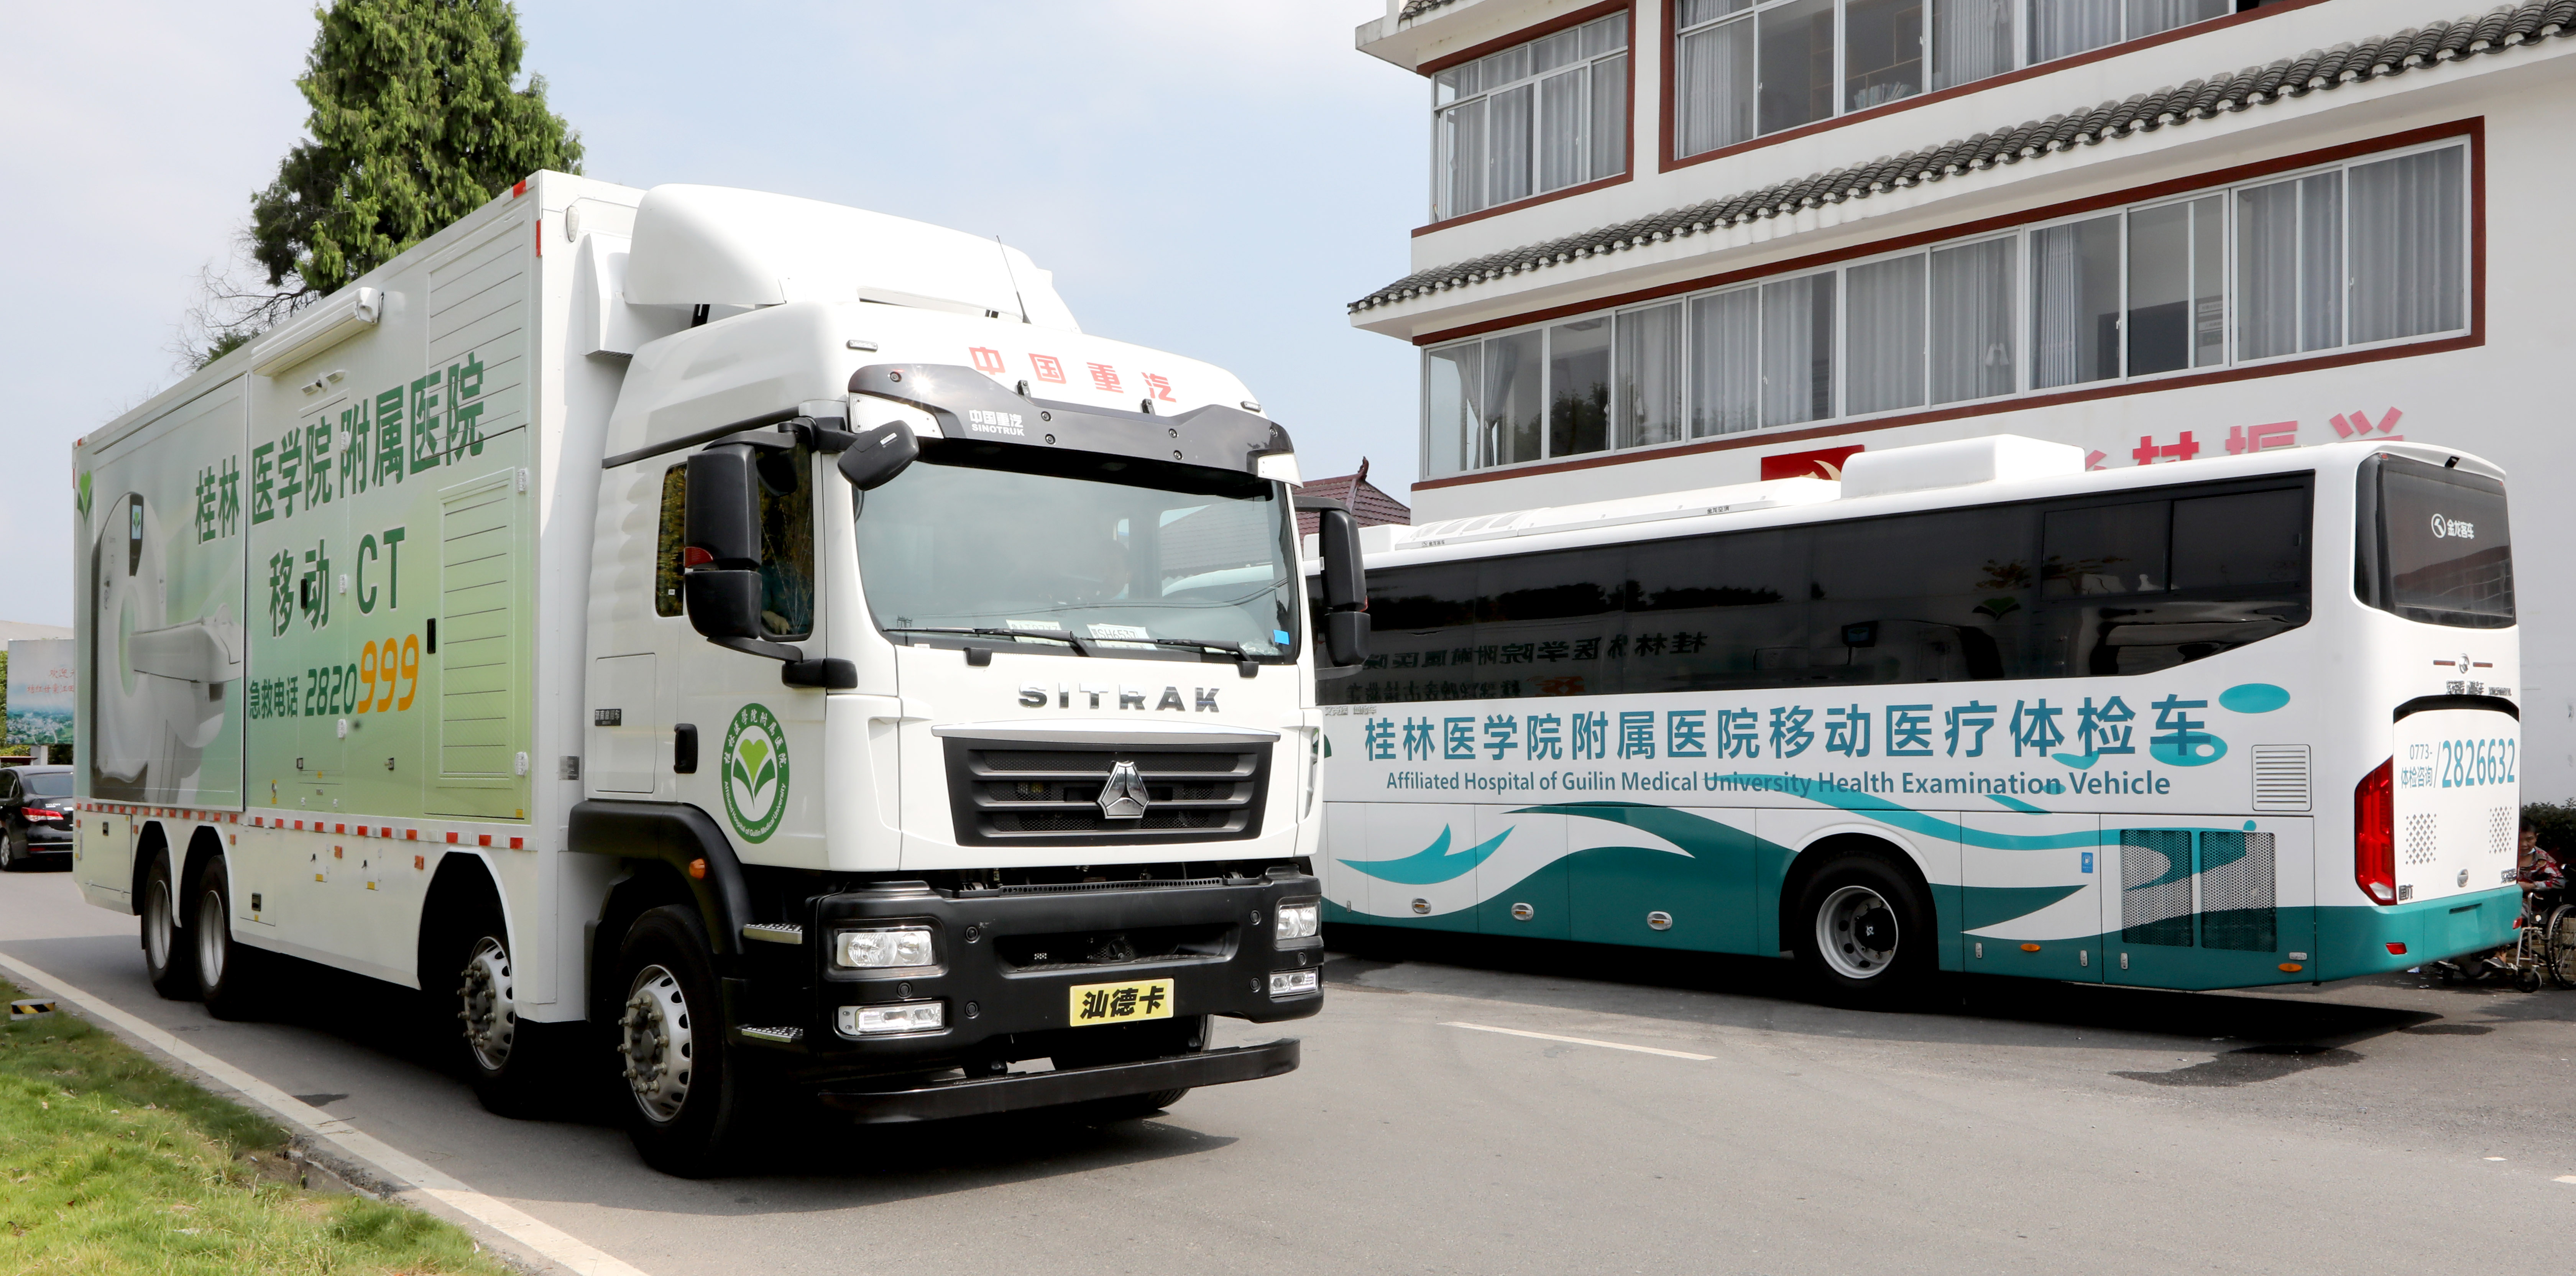 桂林医学院附属医院与灵川县人民政府联合实施乡村医疗项目正式启动